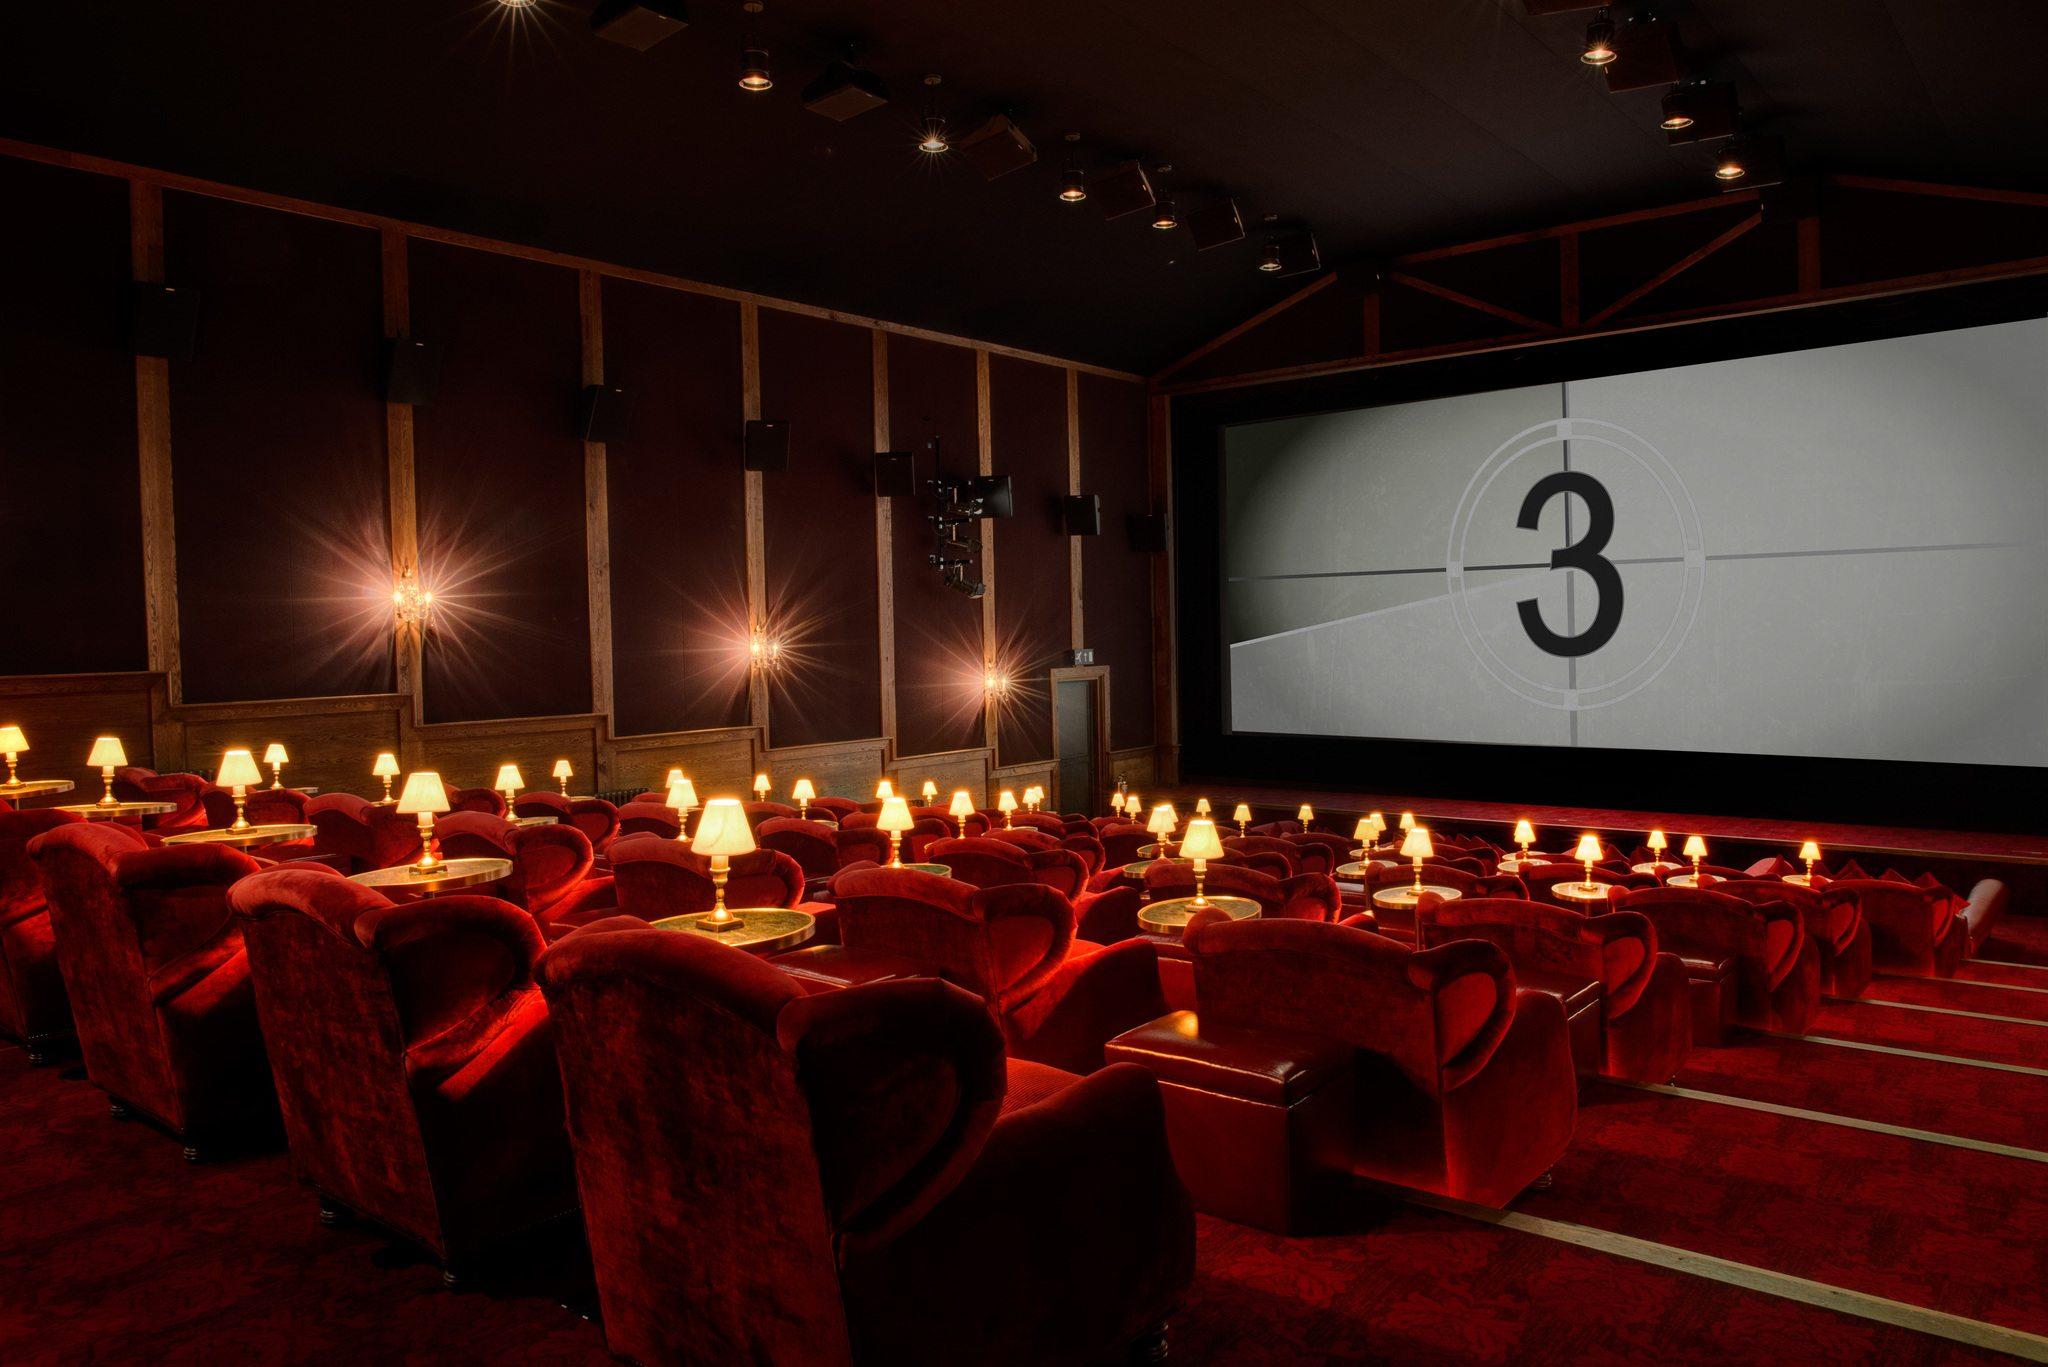 بزرگترین سینمای تایلند بیت کوین میپذیرد